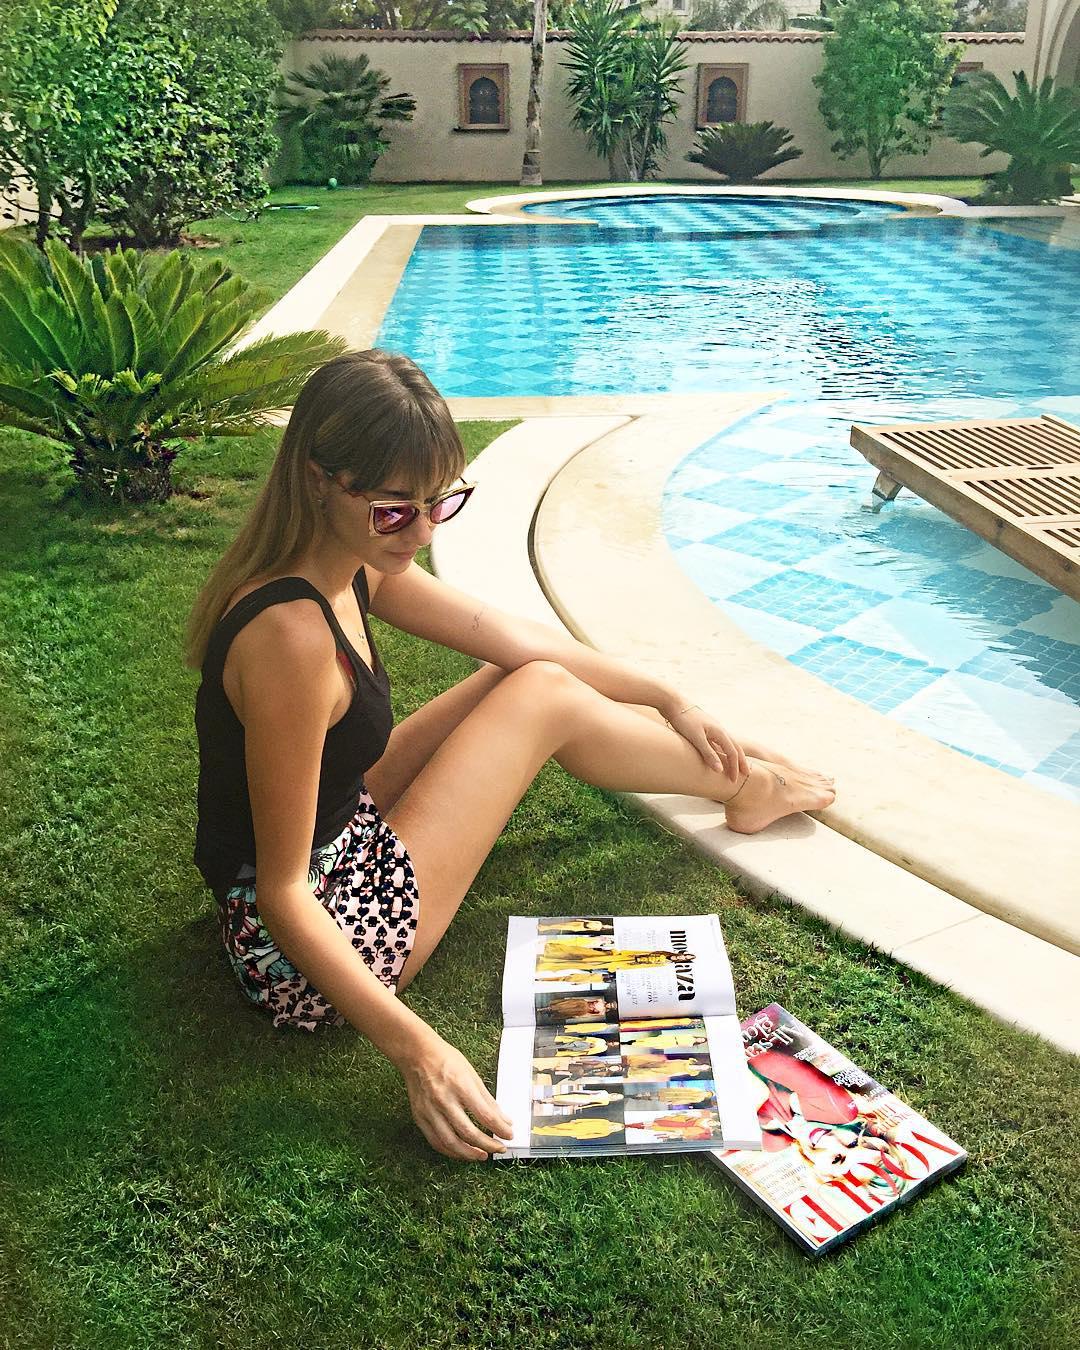 Güzel moda tasarımcısı Şeyma Subaşı sexy giyimiyle havuz kenarında cesur pozlar verip Instagram hesabından paylaştı. Türkiye'nin en seksi kadınları.